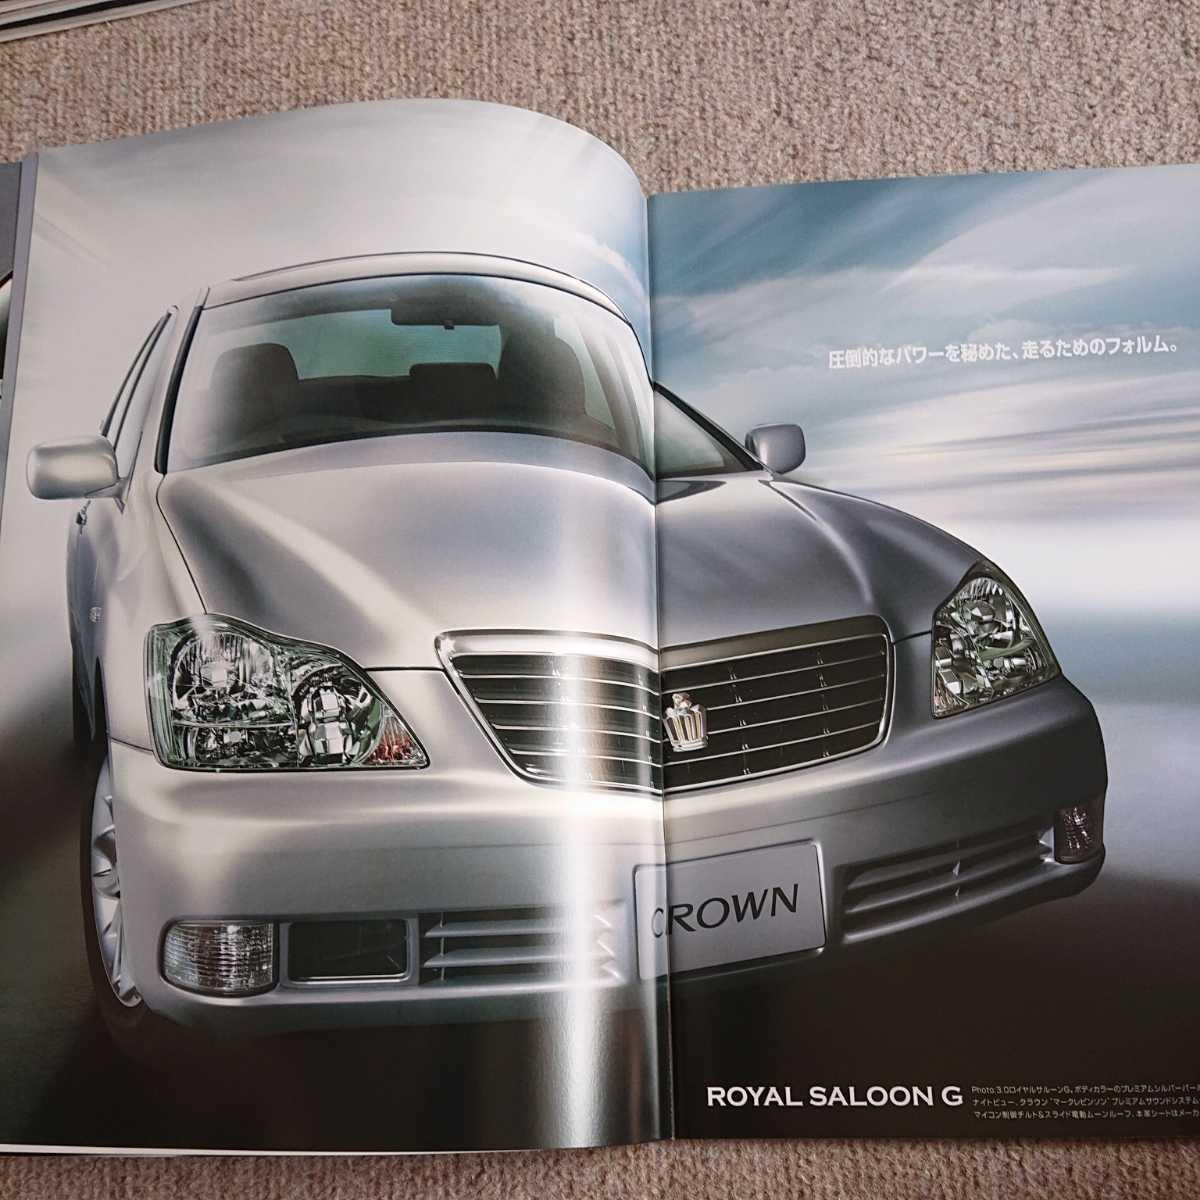 廃盤、2003年~2005年、型式UA-GRS180、182、183。トヨタ ゼロクラウン 前期 ロイヤル サルーン。本カタログ。_画像4